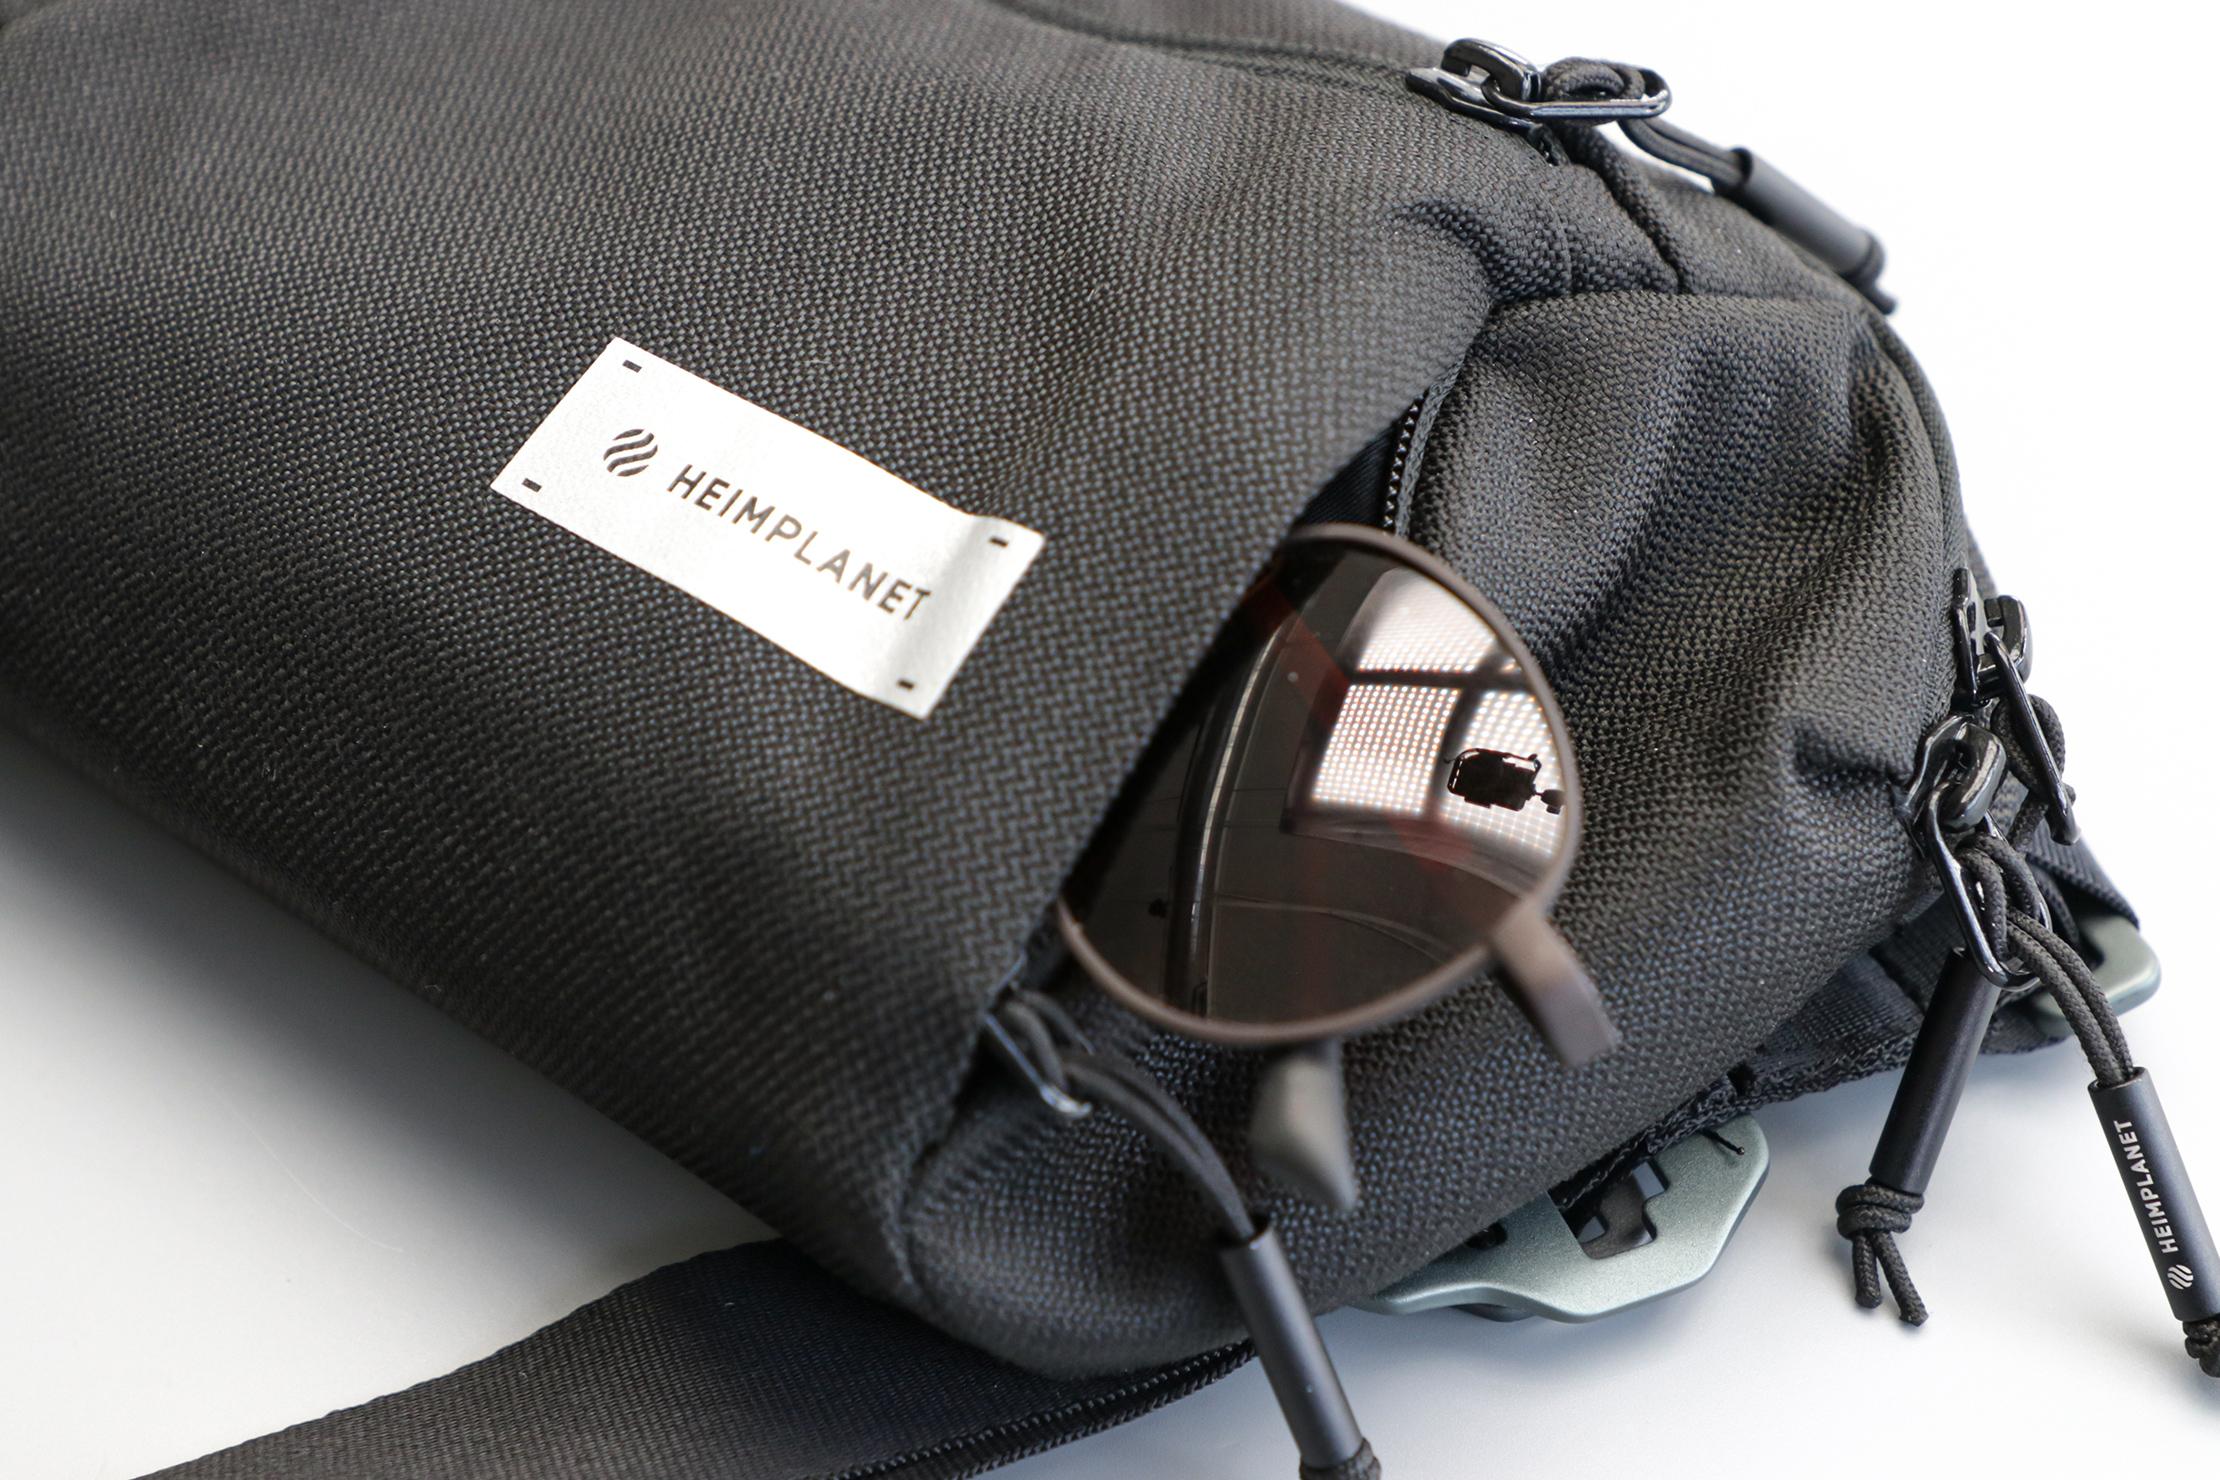 heimplanet-transit-line-sling-pocket-xl-sunglasses-pocket